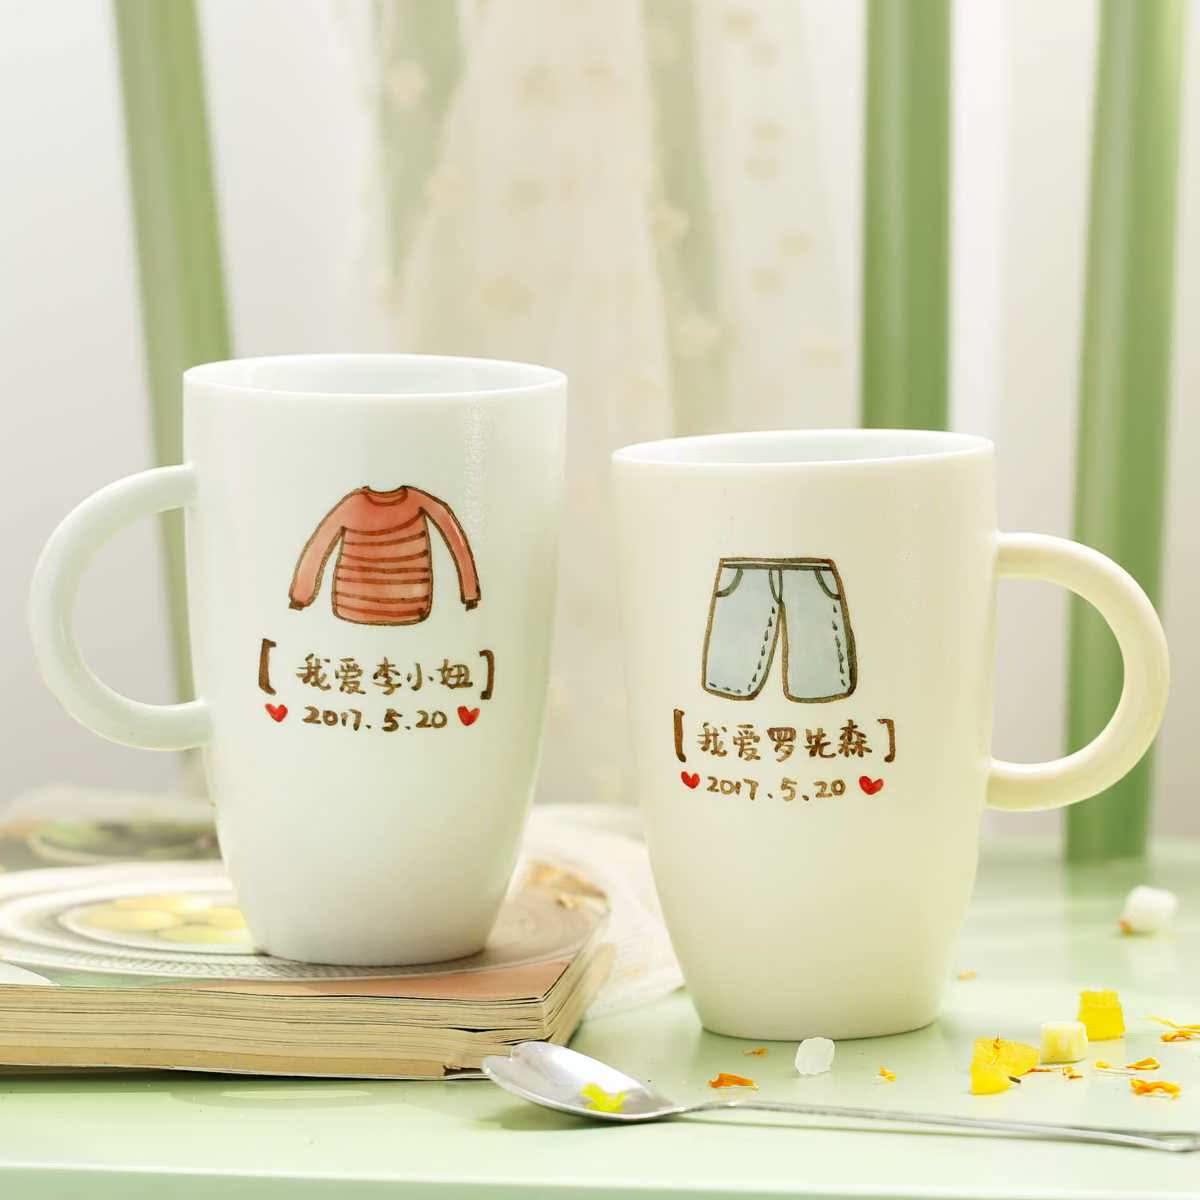 查看淘宝原来是泥 情侣定制礼品创意刻字陶瓷杯子 生日情人节结婚礼物